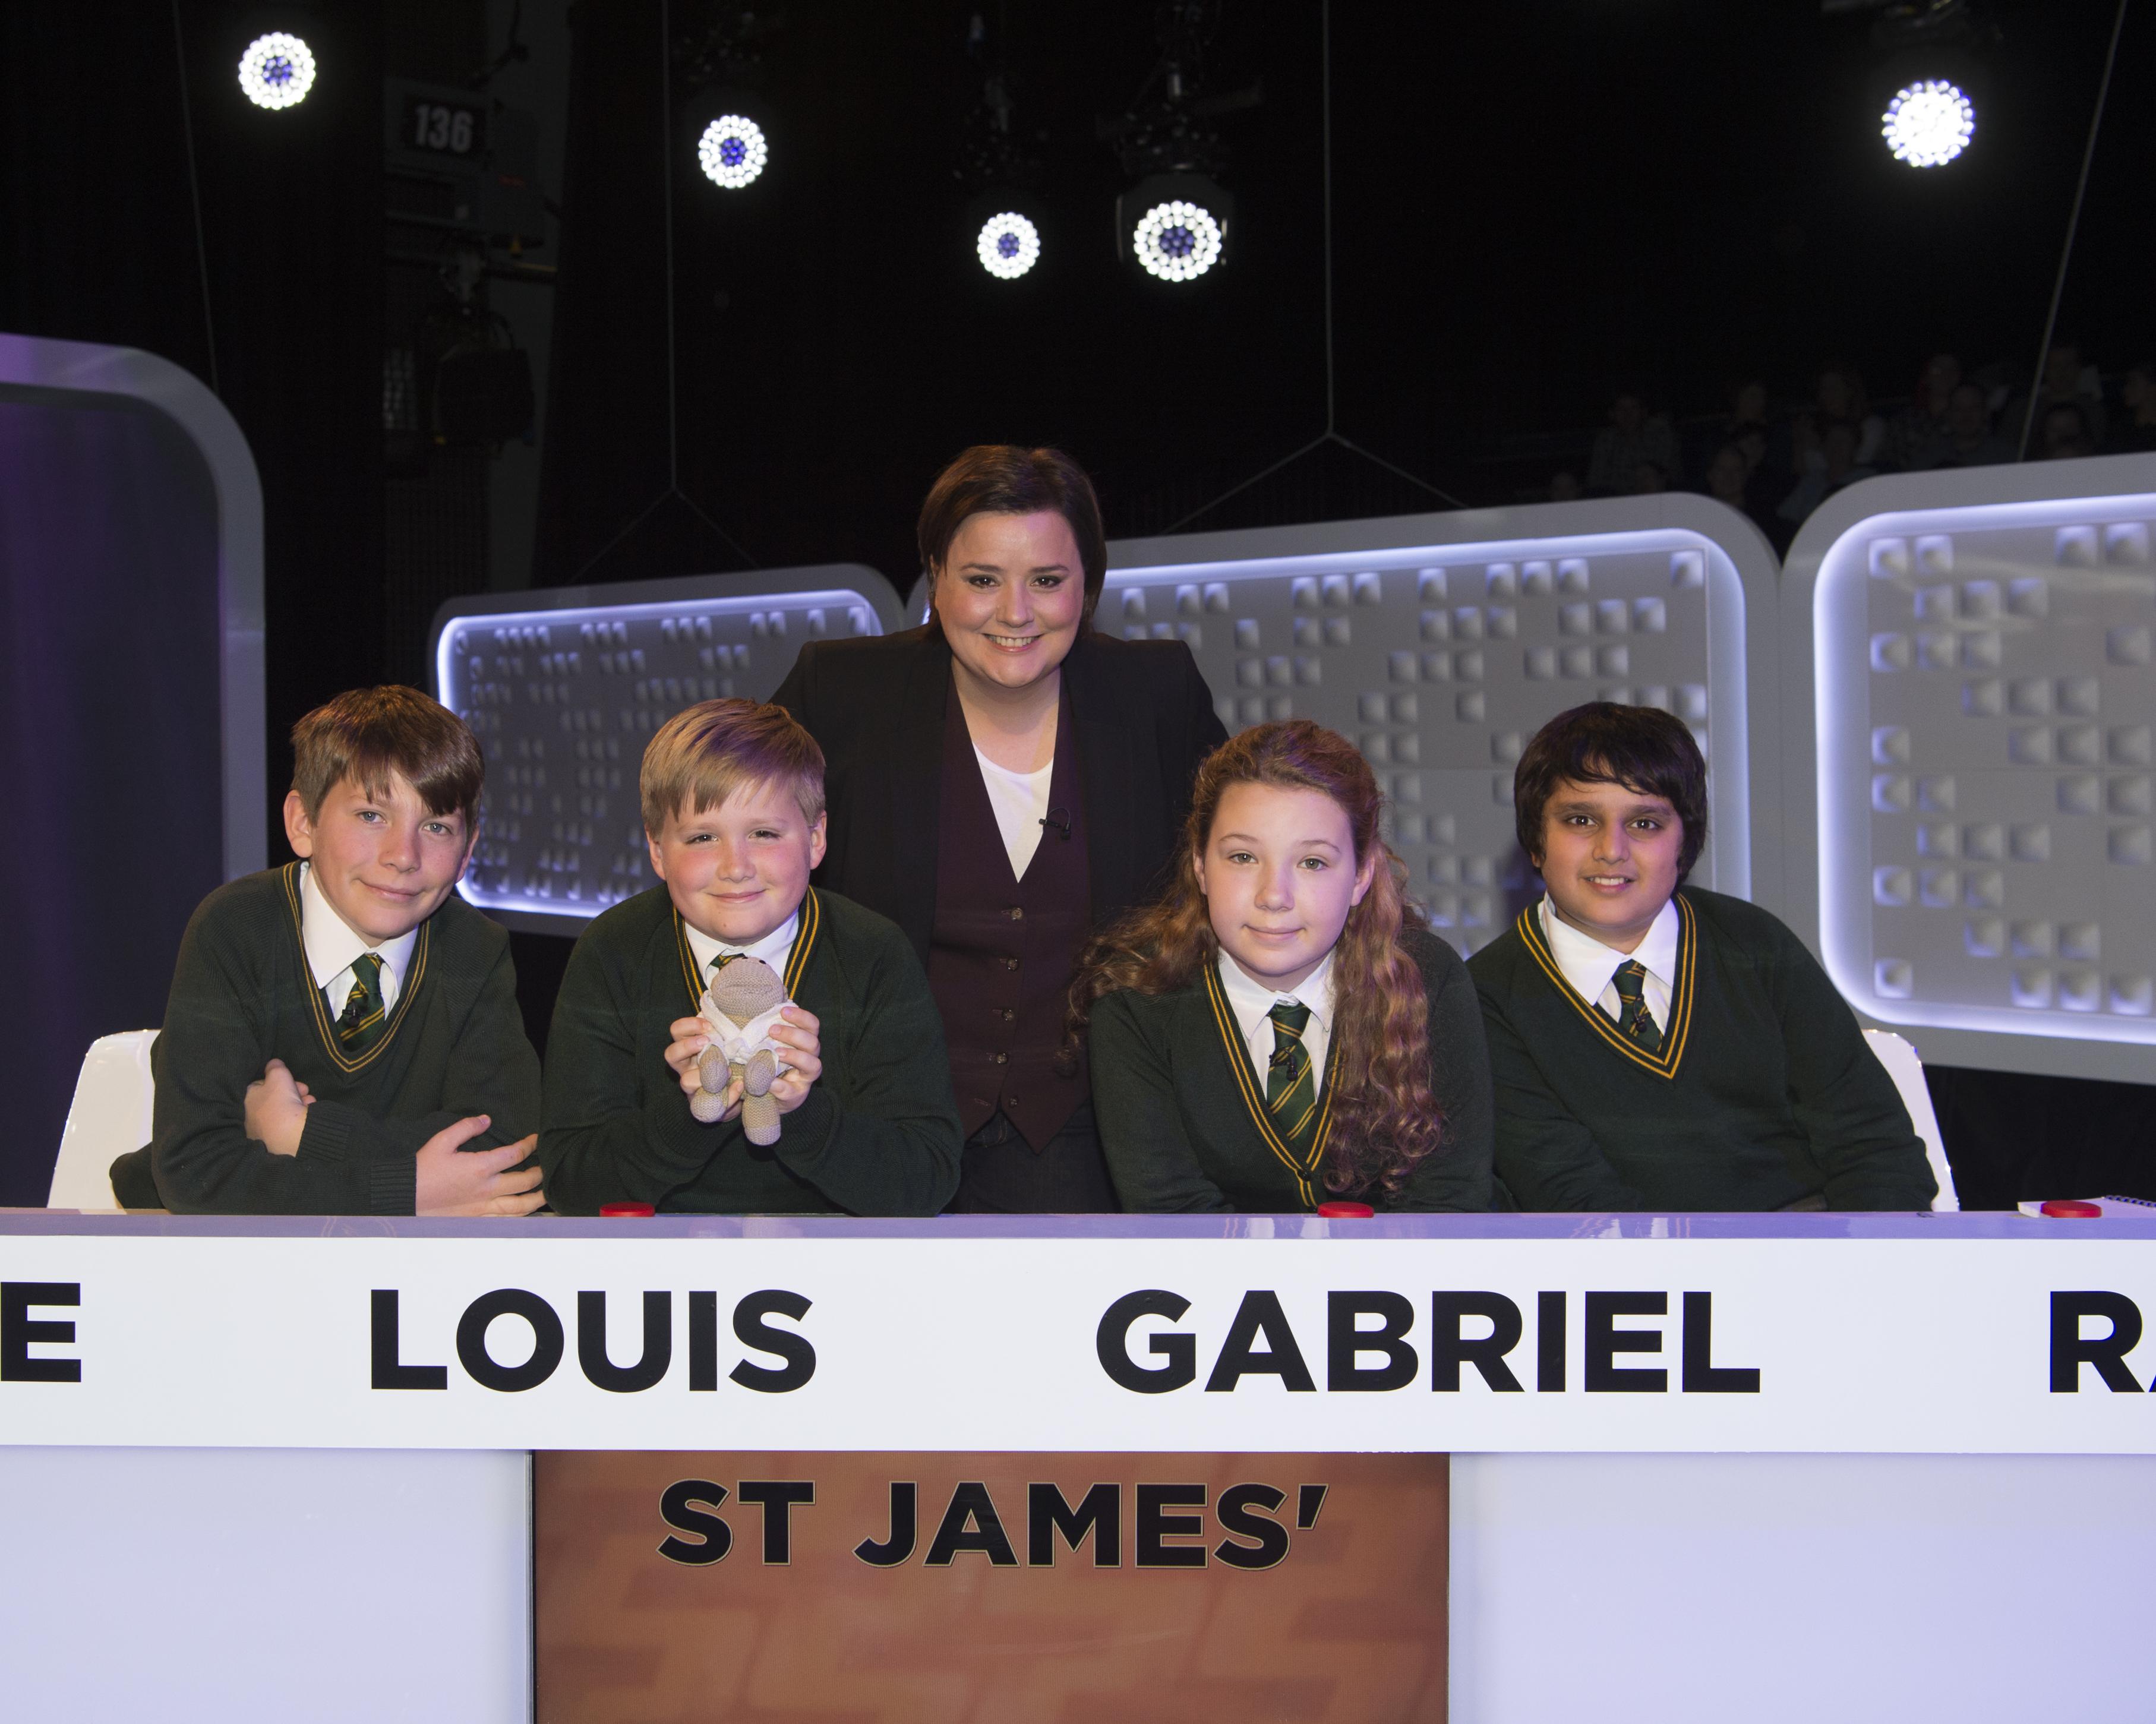 The St James team with host Susan Calman